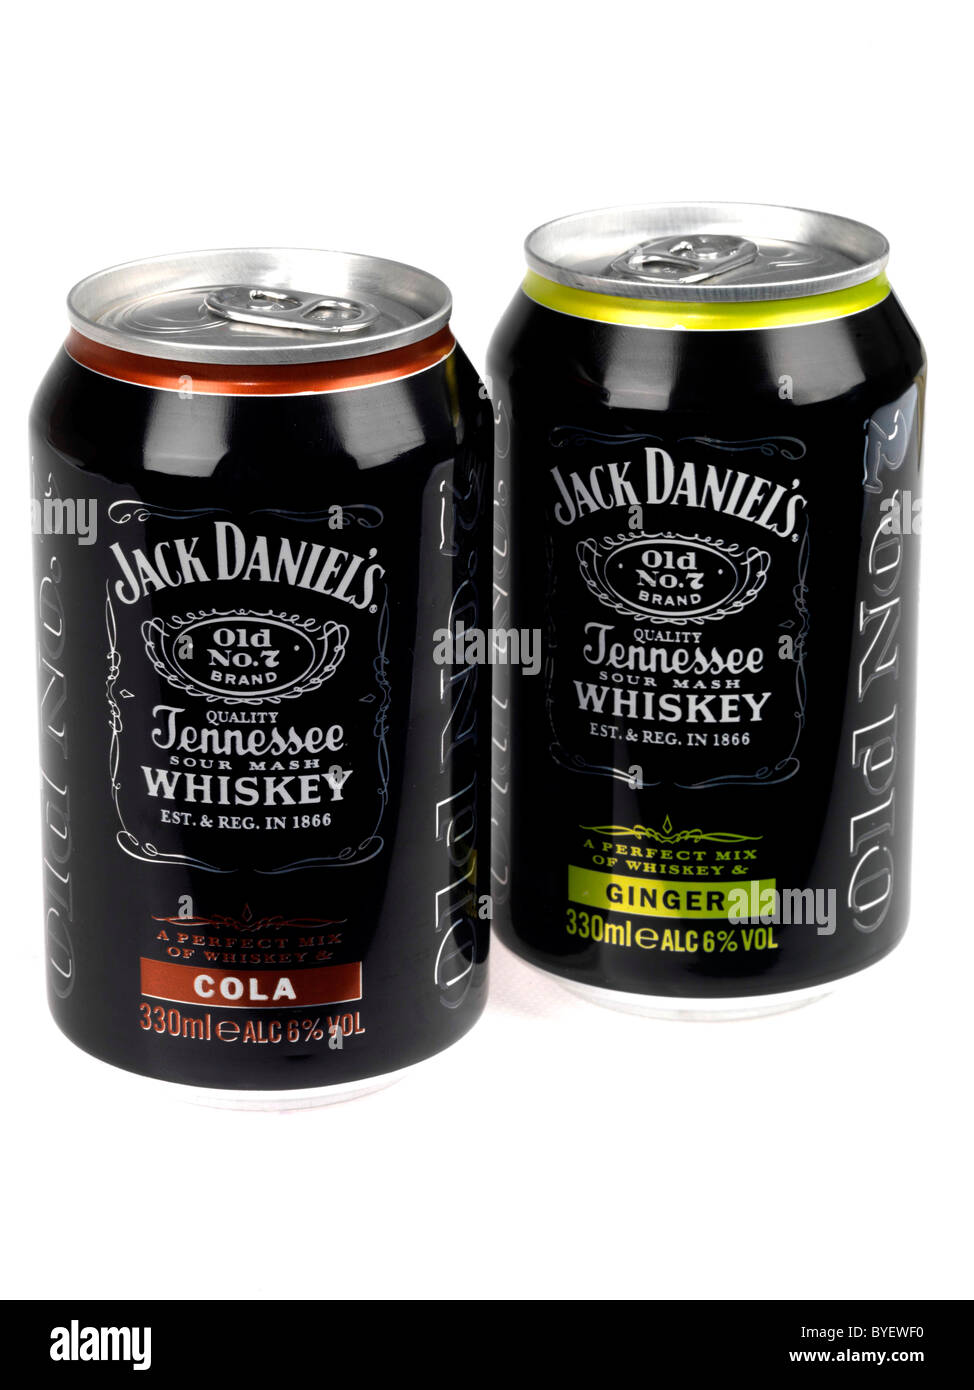 Jack Daniels Whiskey - Stock Image